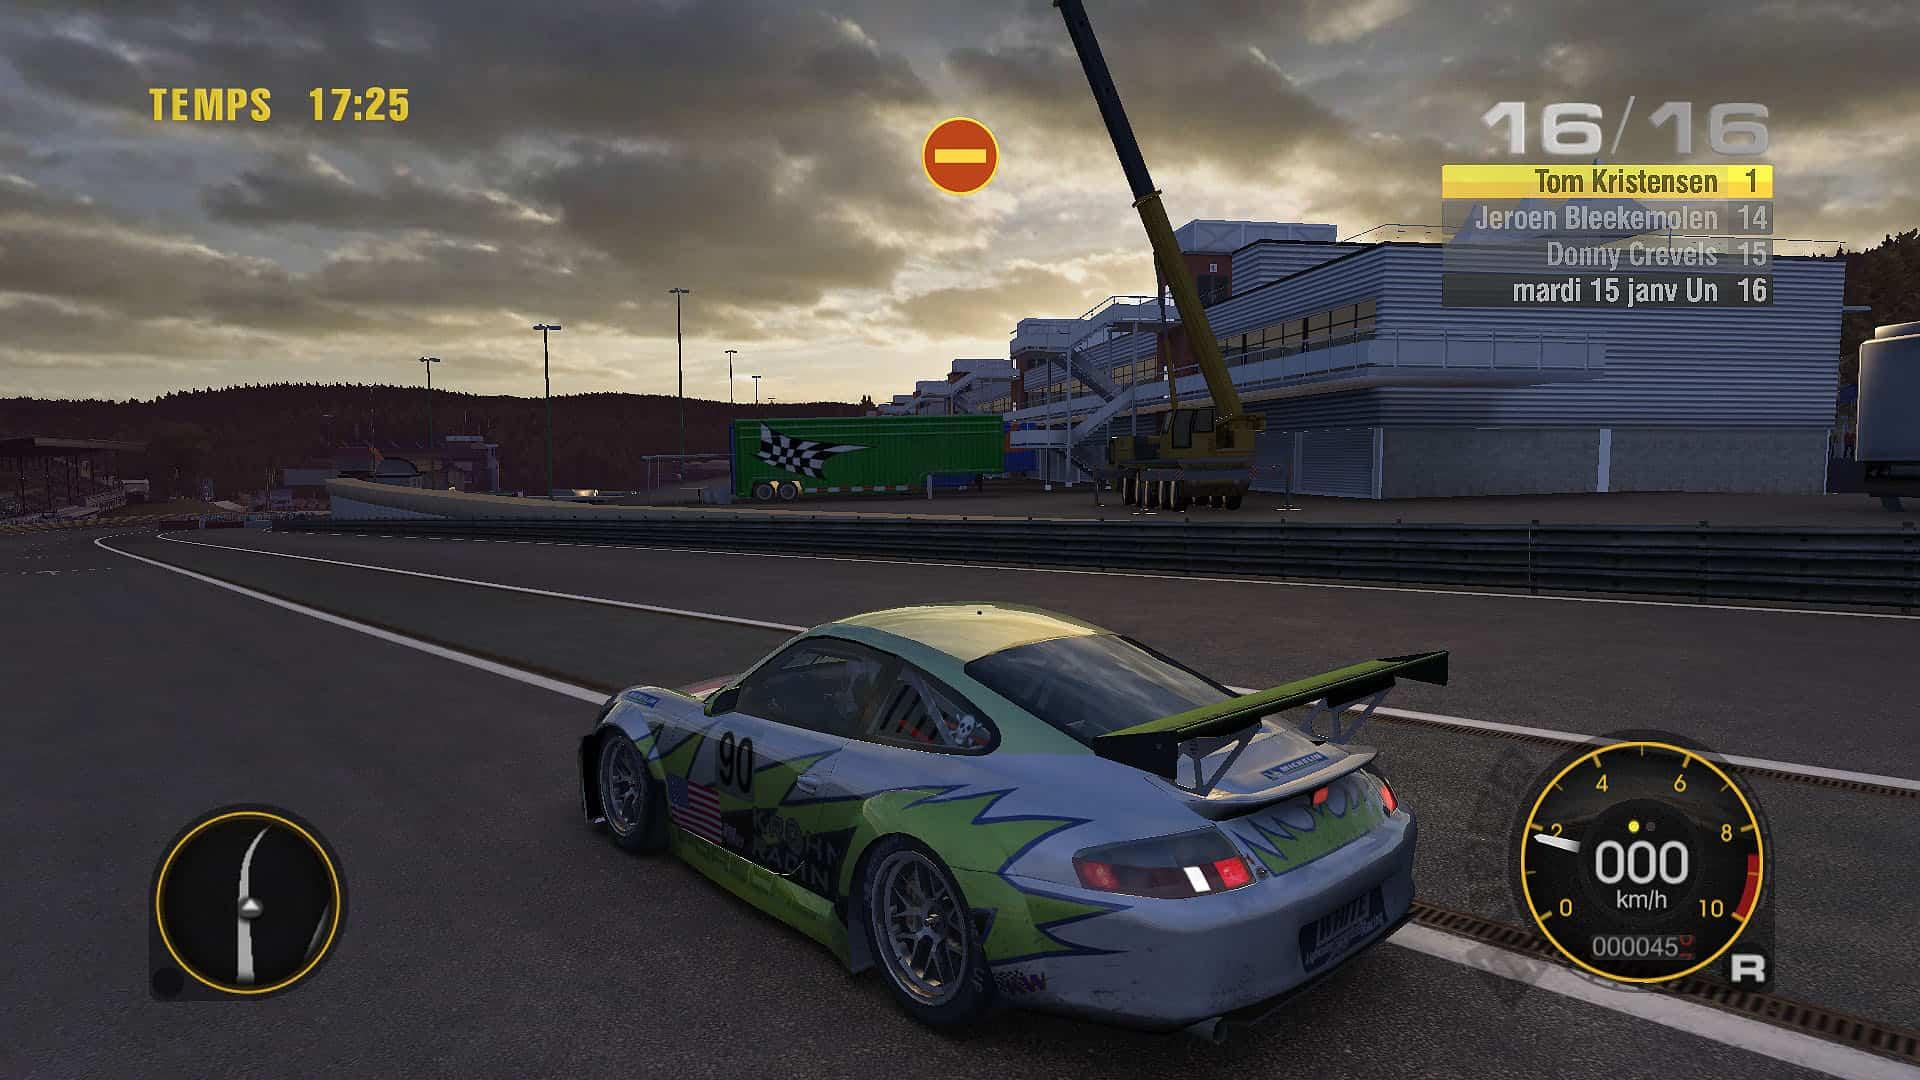 Jeu De Voiture De Course Sur Circuit - Course Automobile destiné Jeux De Course En Voiture